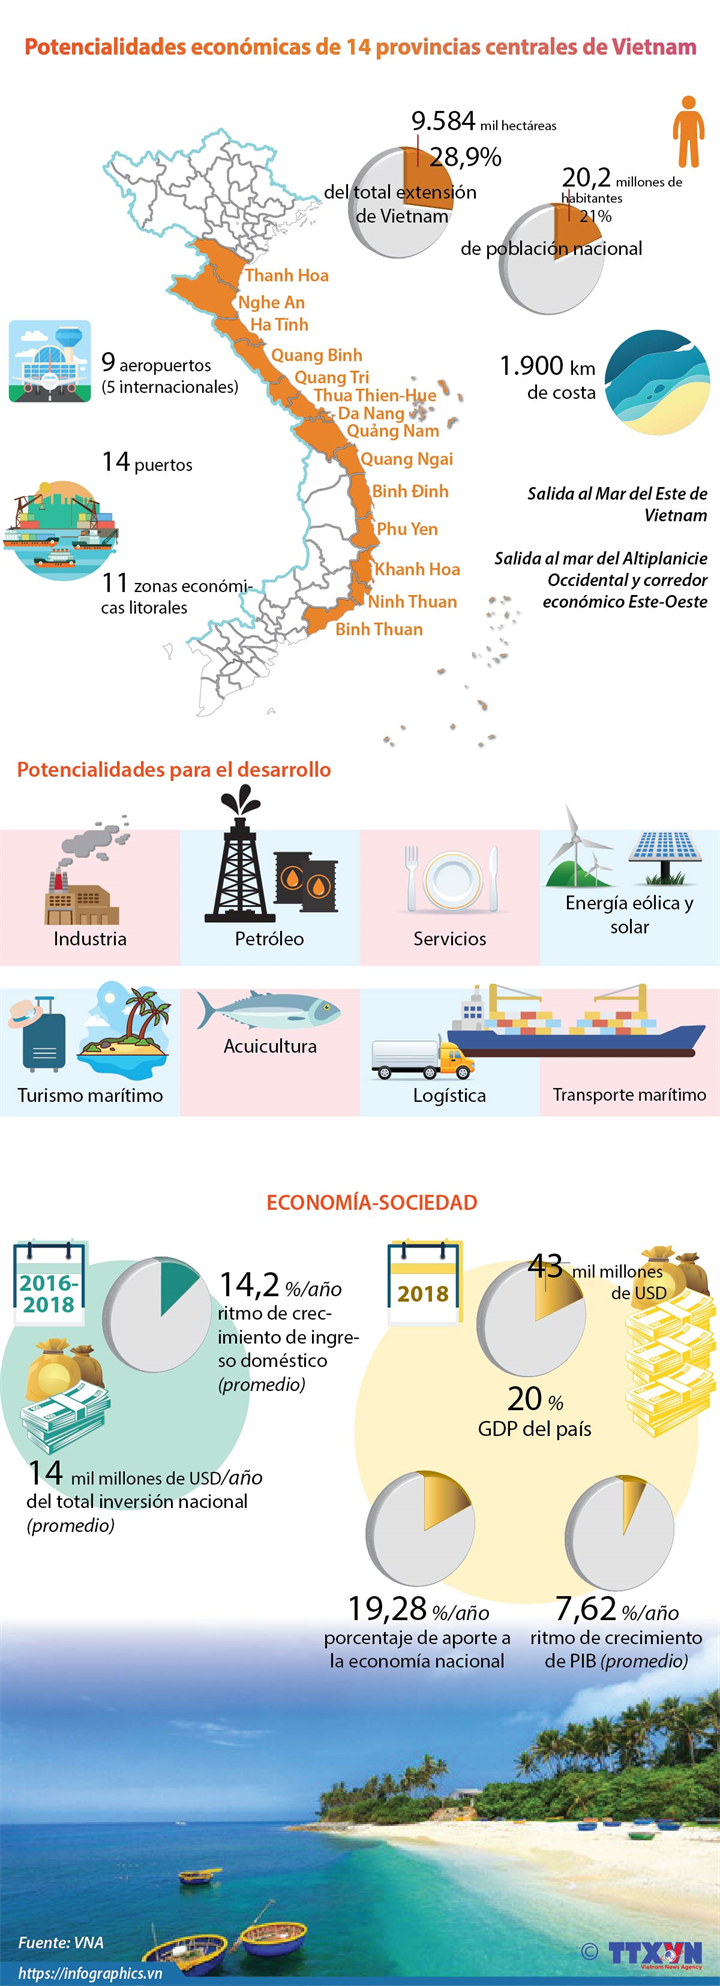 Potencialidades económicas de 14 provincias centrales de Vietnam